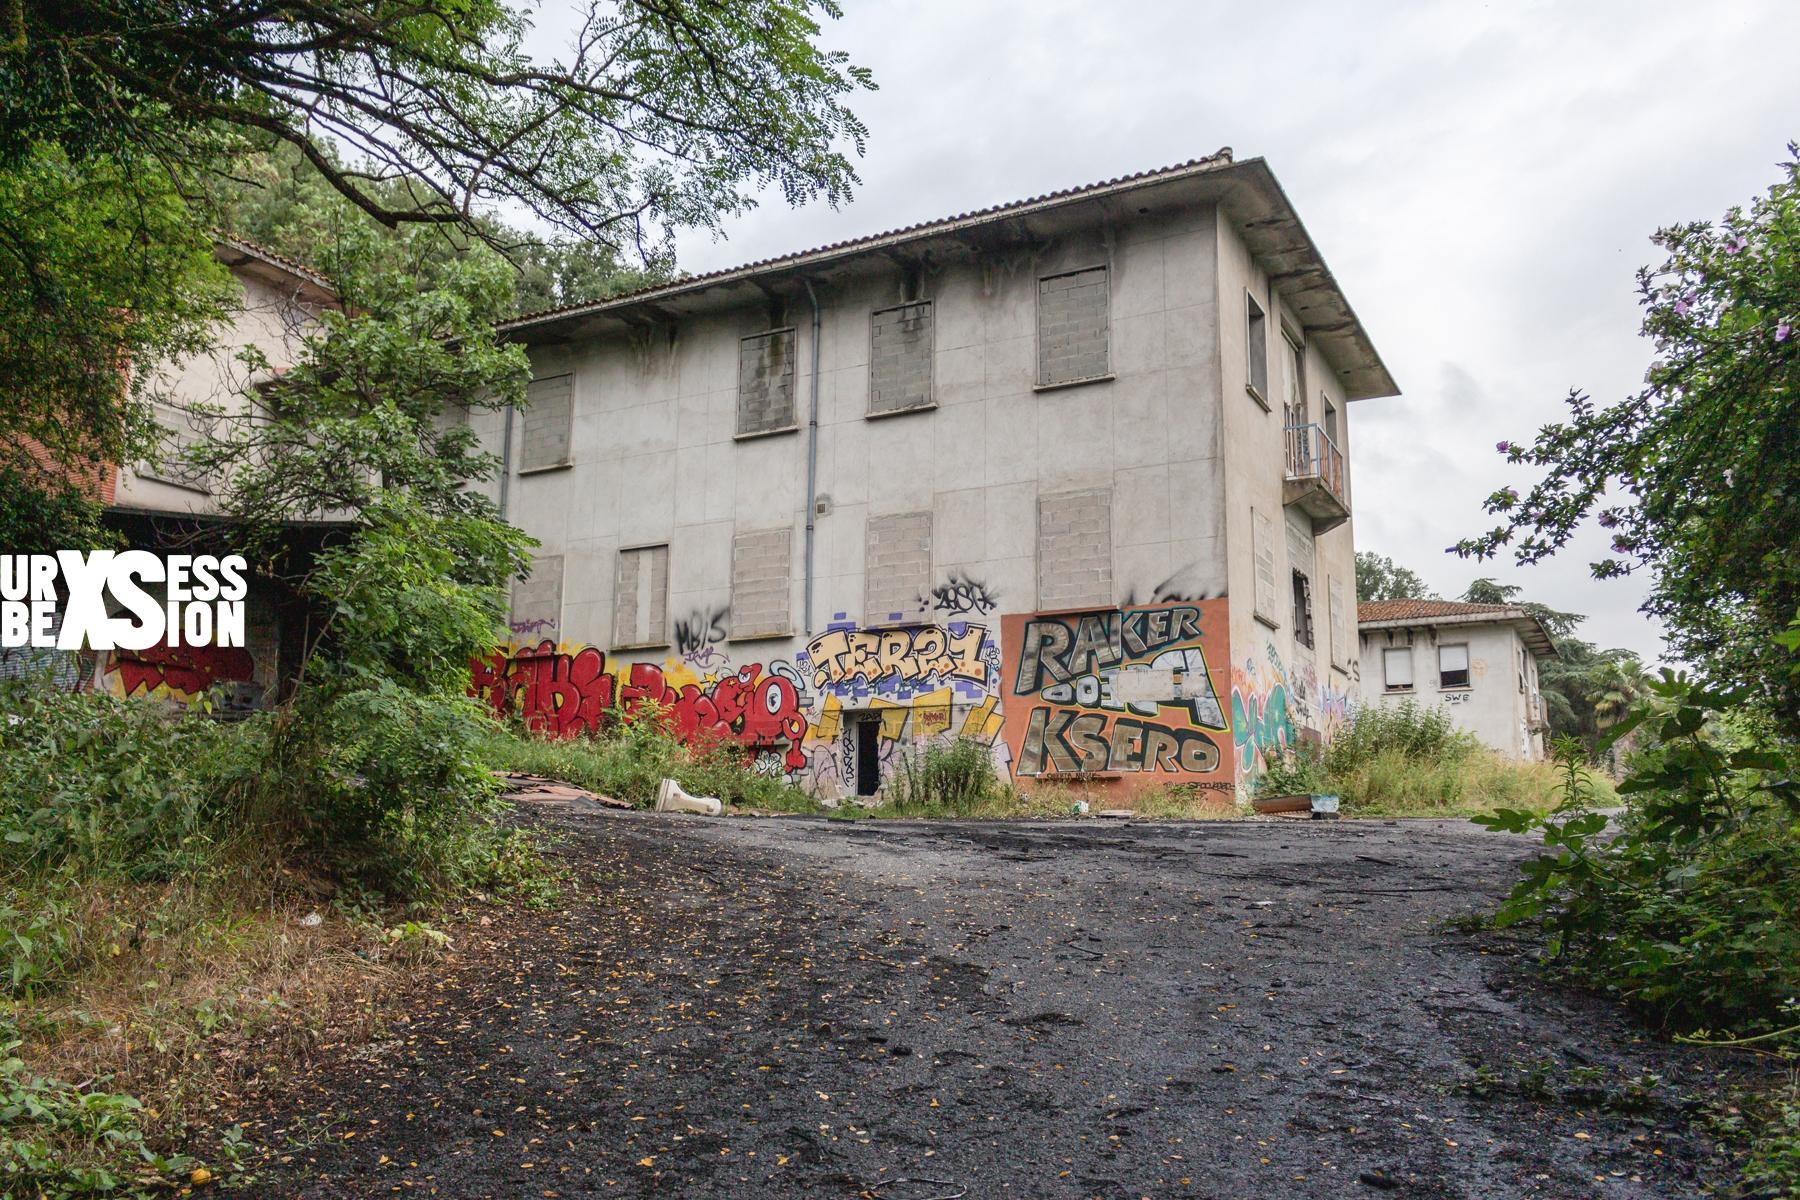 Maison de retraite abandonnée située à côté de Toulouse | urbexsession.com/maison-de-retraite-de-wysteria | Urbex France